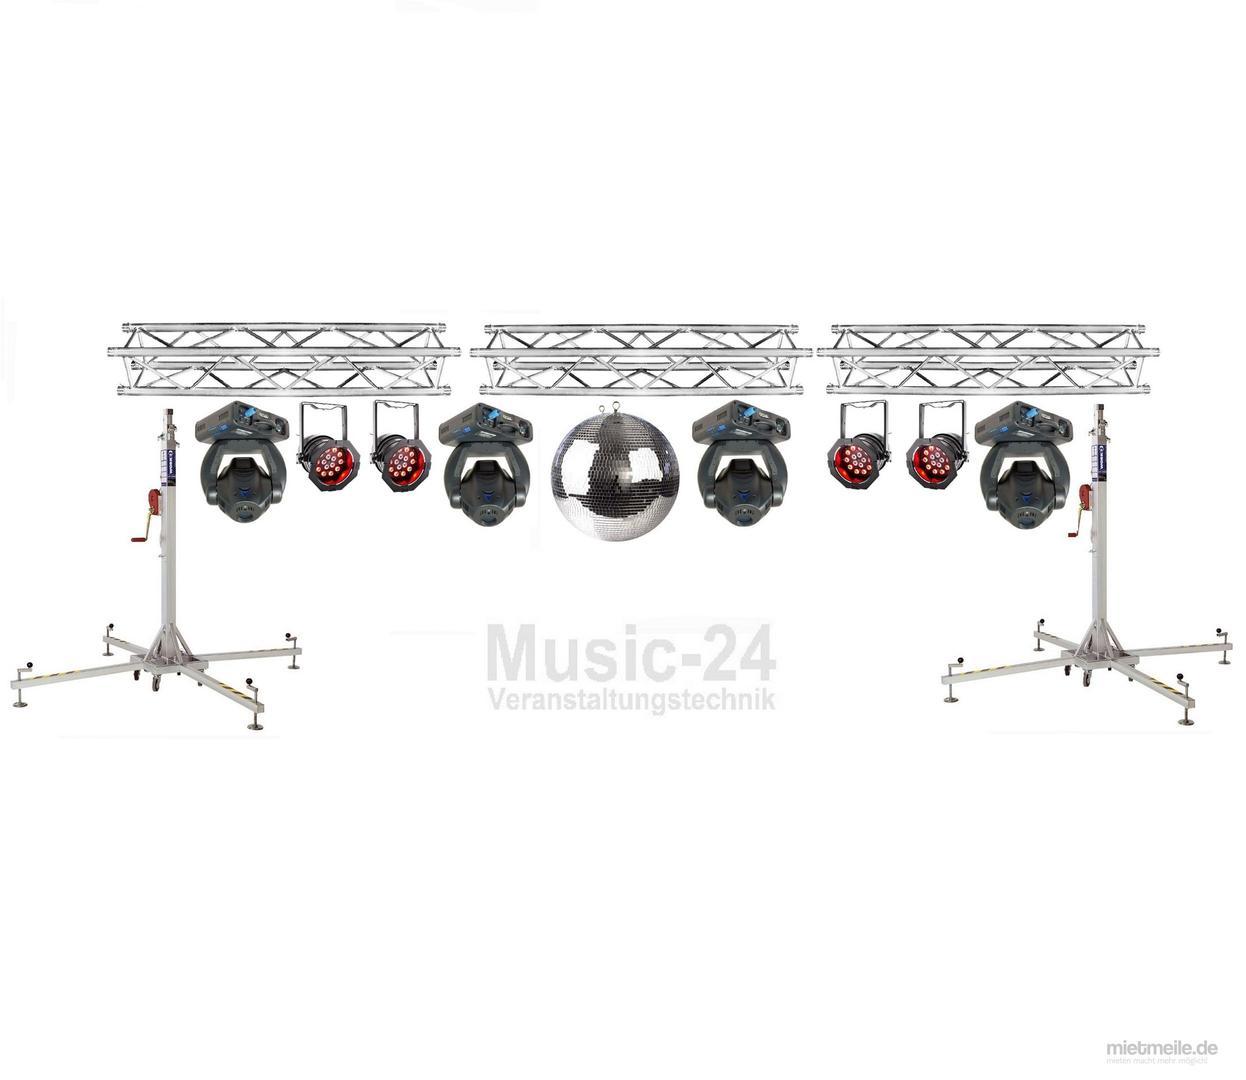 Lichttechnik mieten & vermieten - Lichtanlage 8m Traversen, 2x Phantom50, 8x Led Scheinwerfer, 2x Tri Phase, Lichteffekt in Wismar